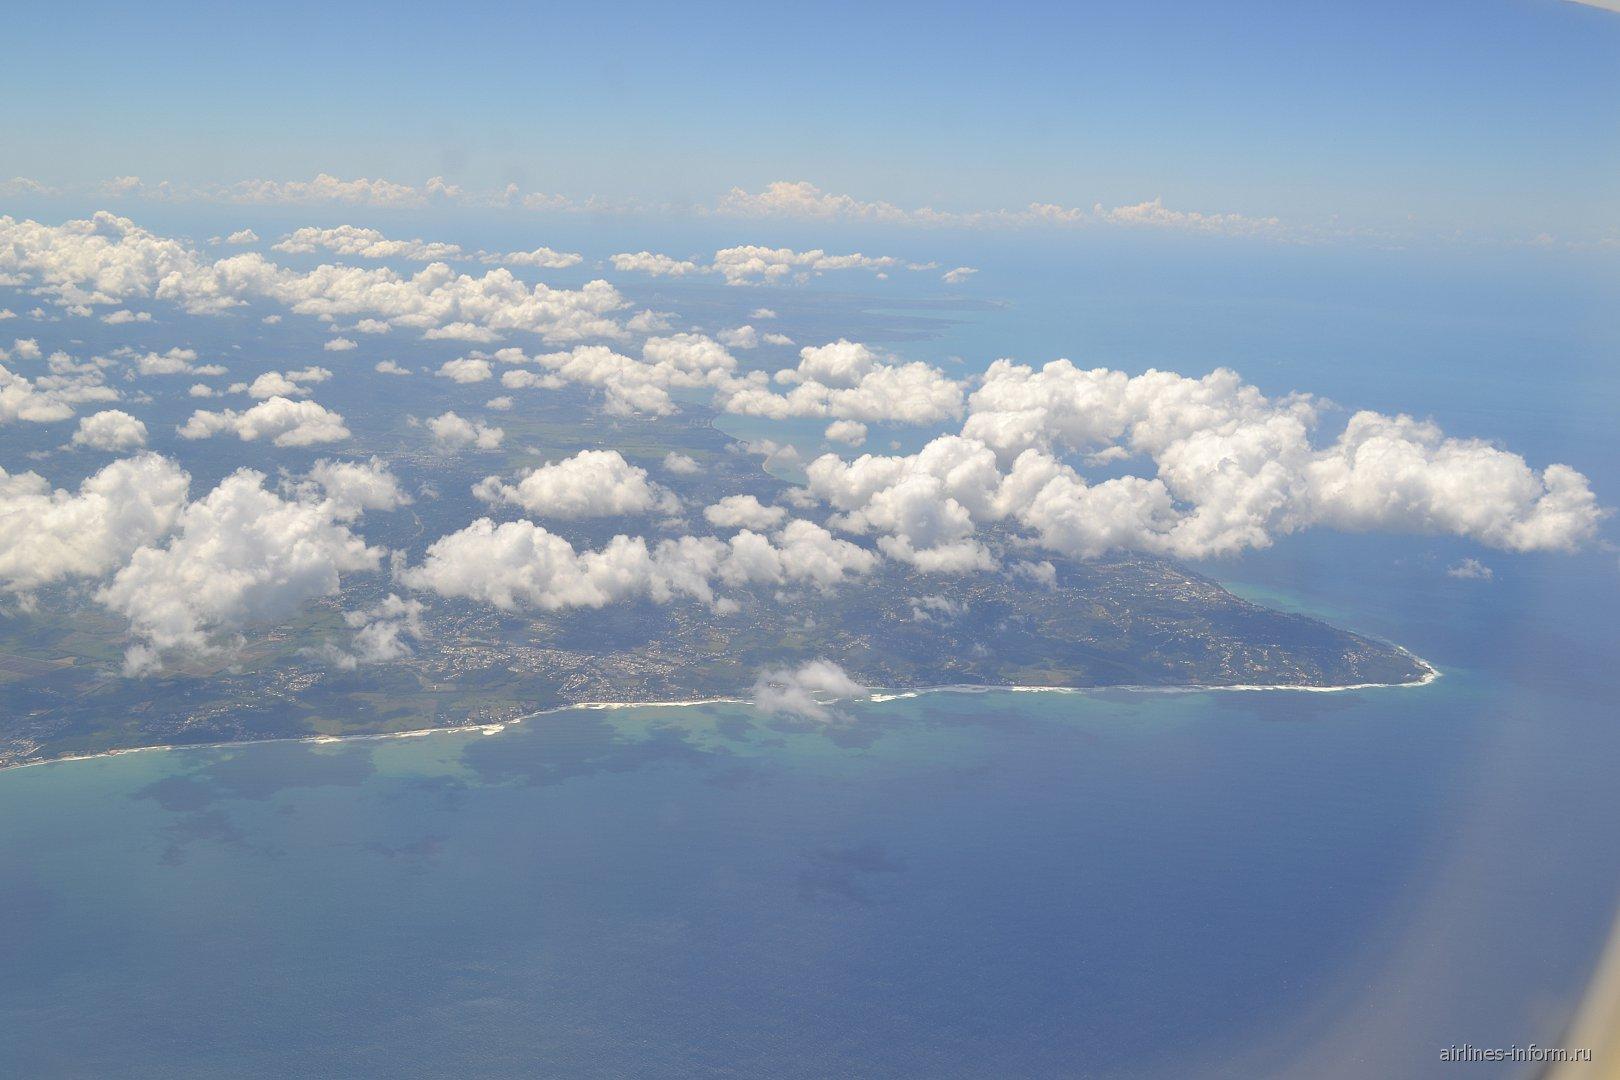 Западное побережье острова Пуэрто-Рико